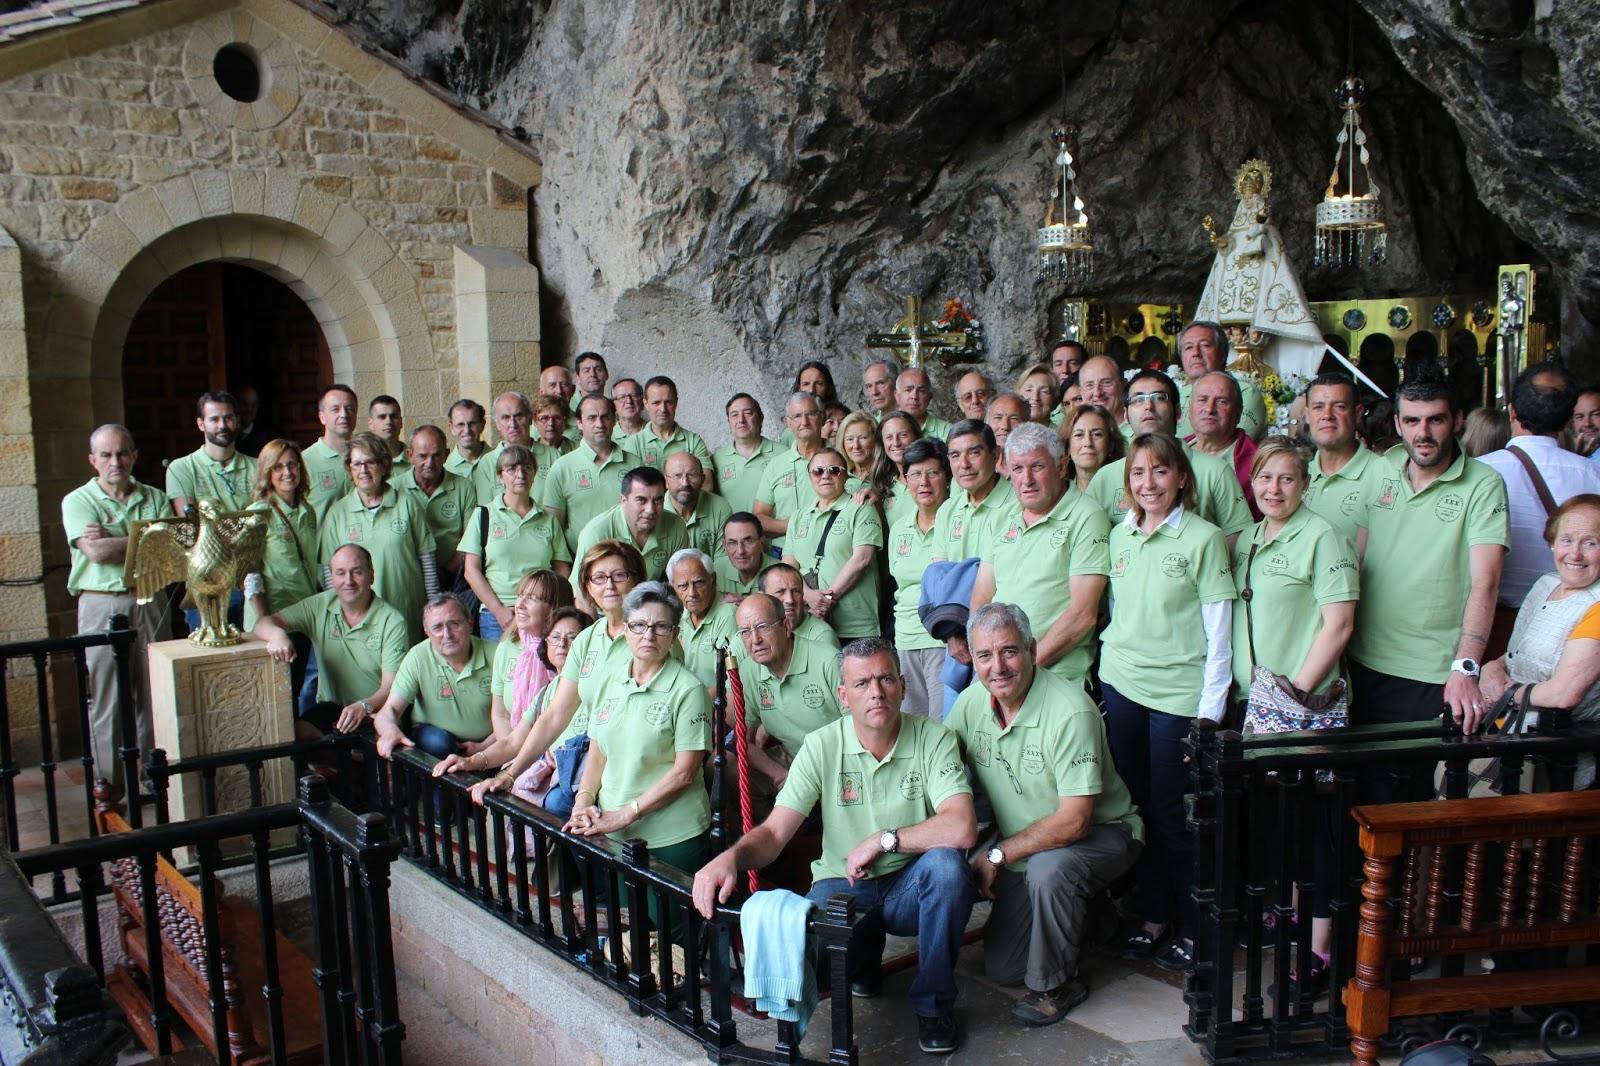 Se Celebró La XXX Marcha Nocturna Villaviciosa   Covadonga. Se Salió De  Villaviciosa A Las 21,30 Horas Del Día 21 De Junio, Muy Puntuales, ...